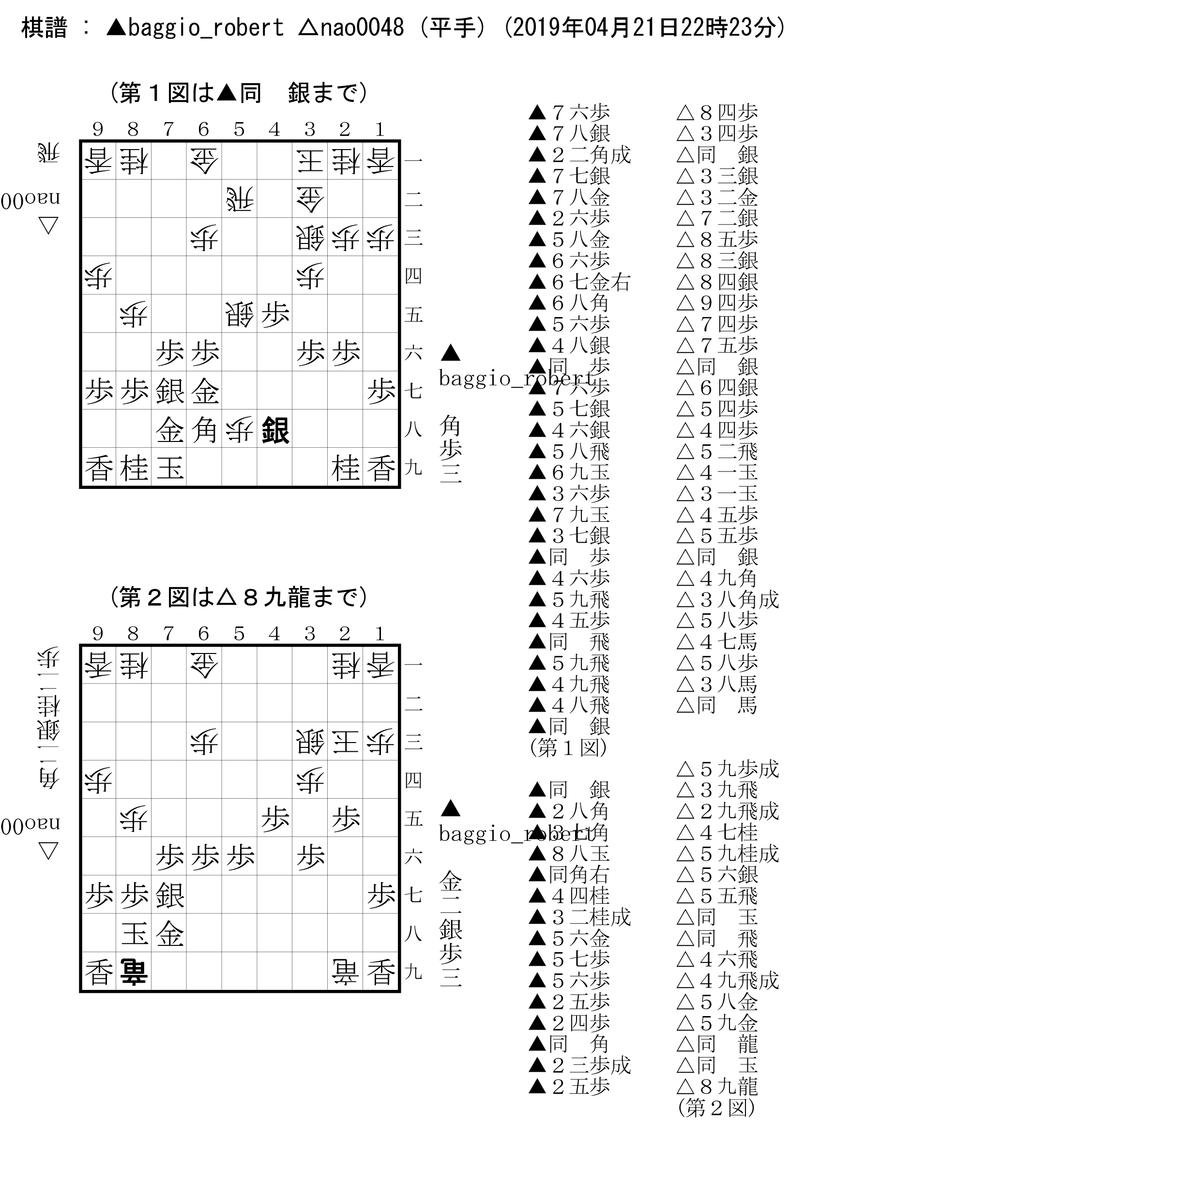 f:id:nao0048:20190421231847p:plain